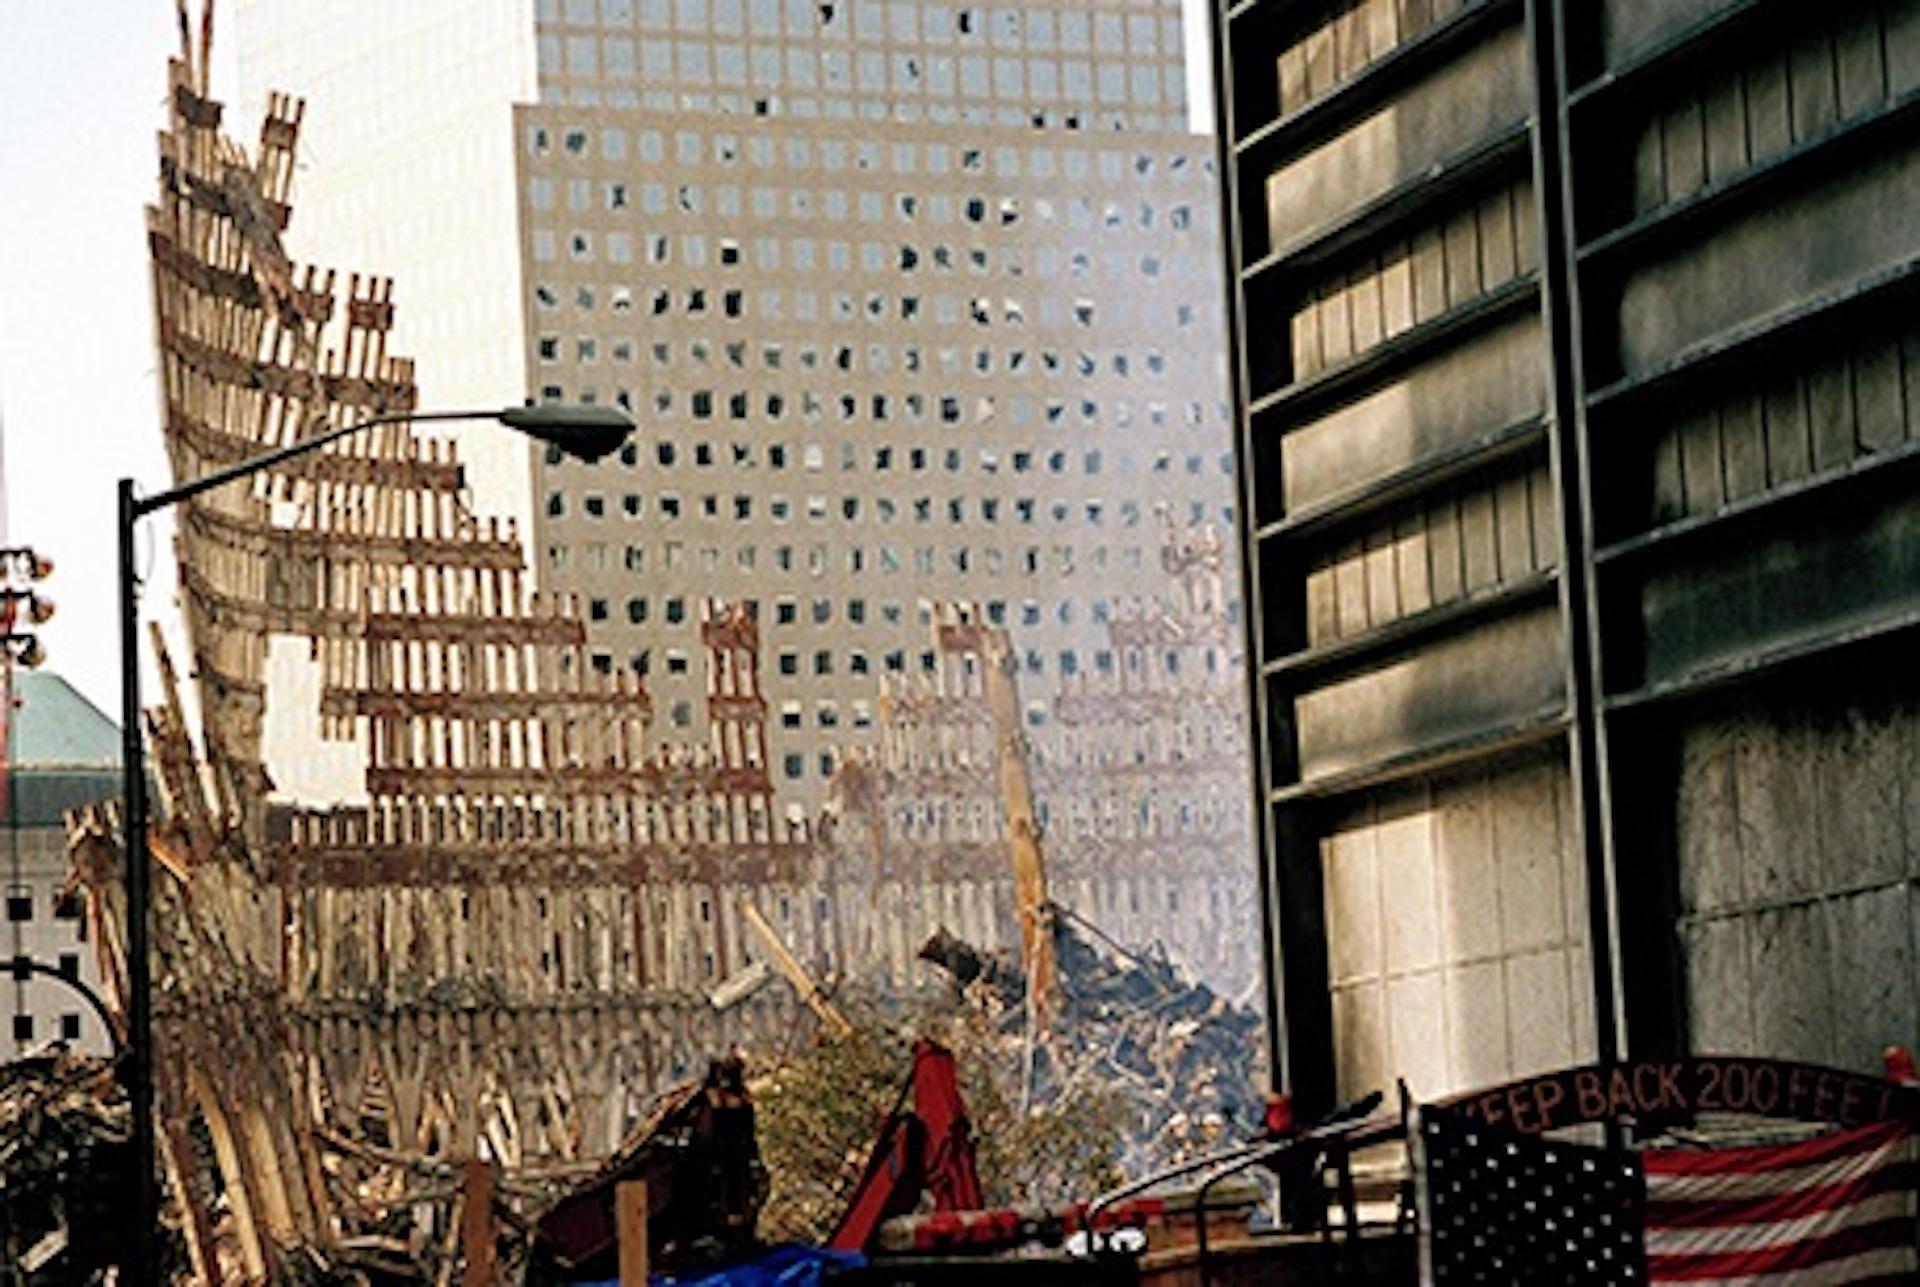 Attentats du 11 septembre - 20 ans: Programmation spéciale sur les chaînes du groupe France Télévisions